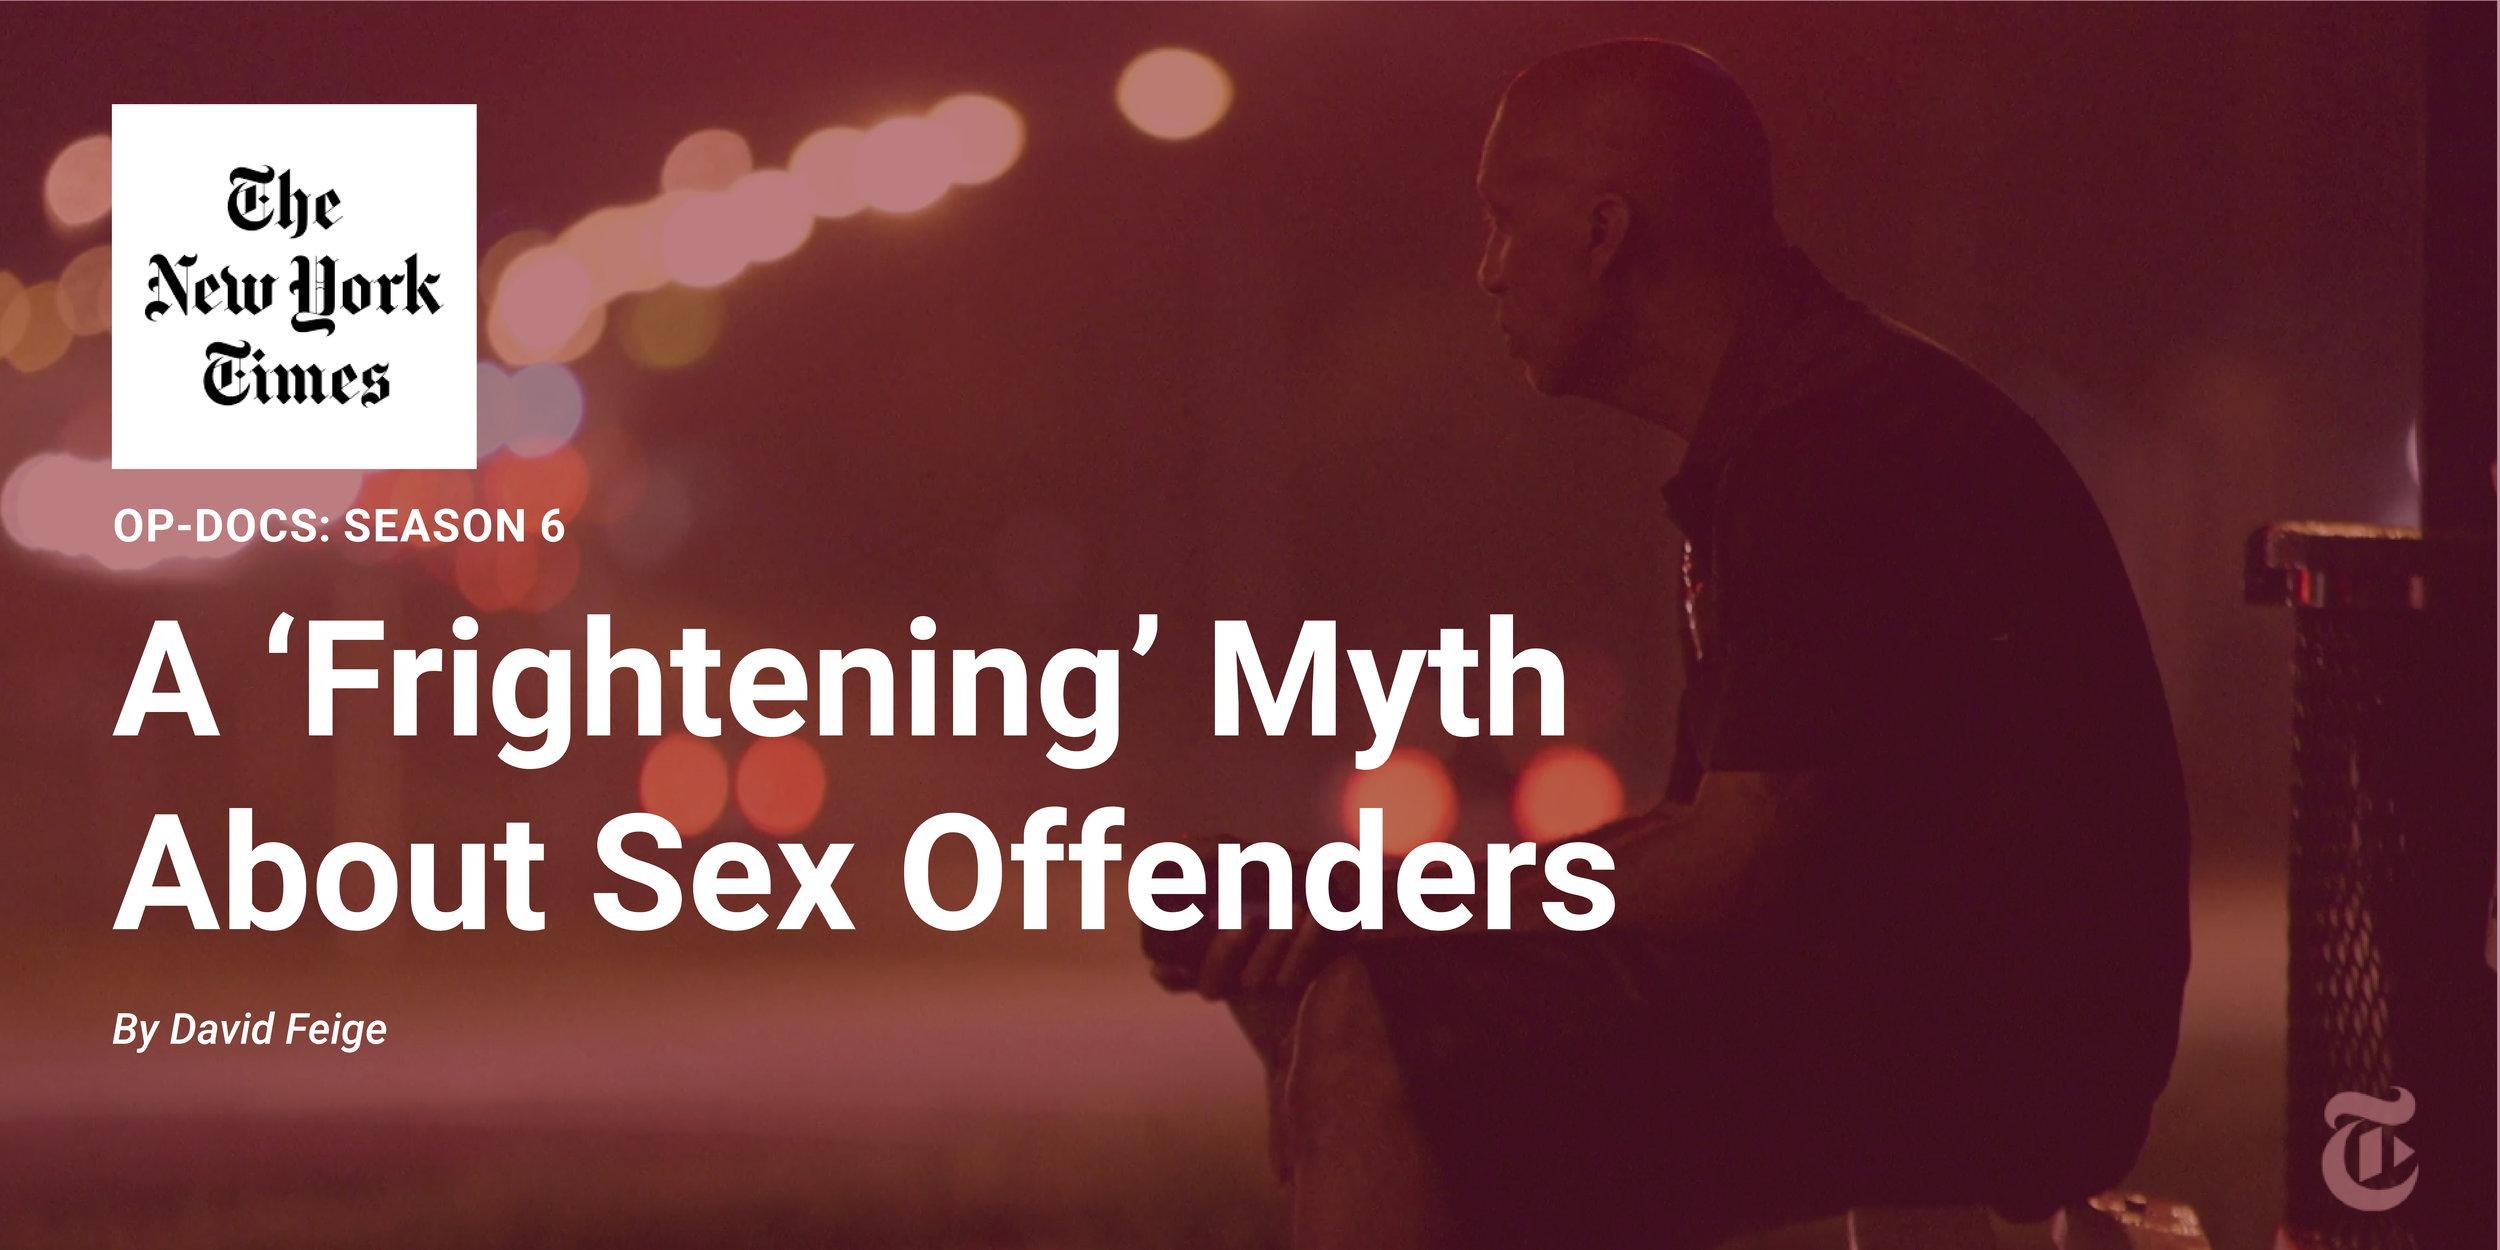 Sex Offenders News3.jpg